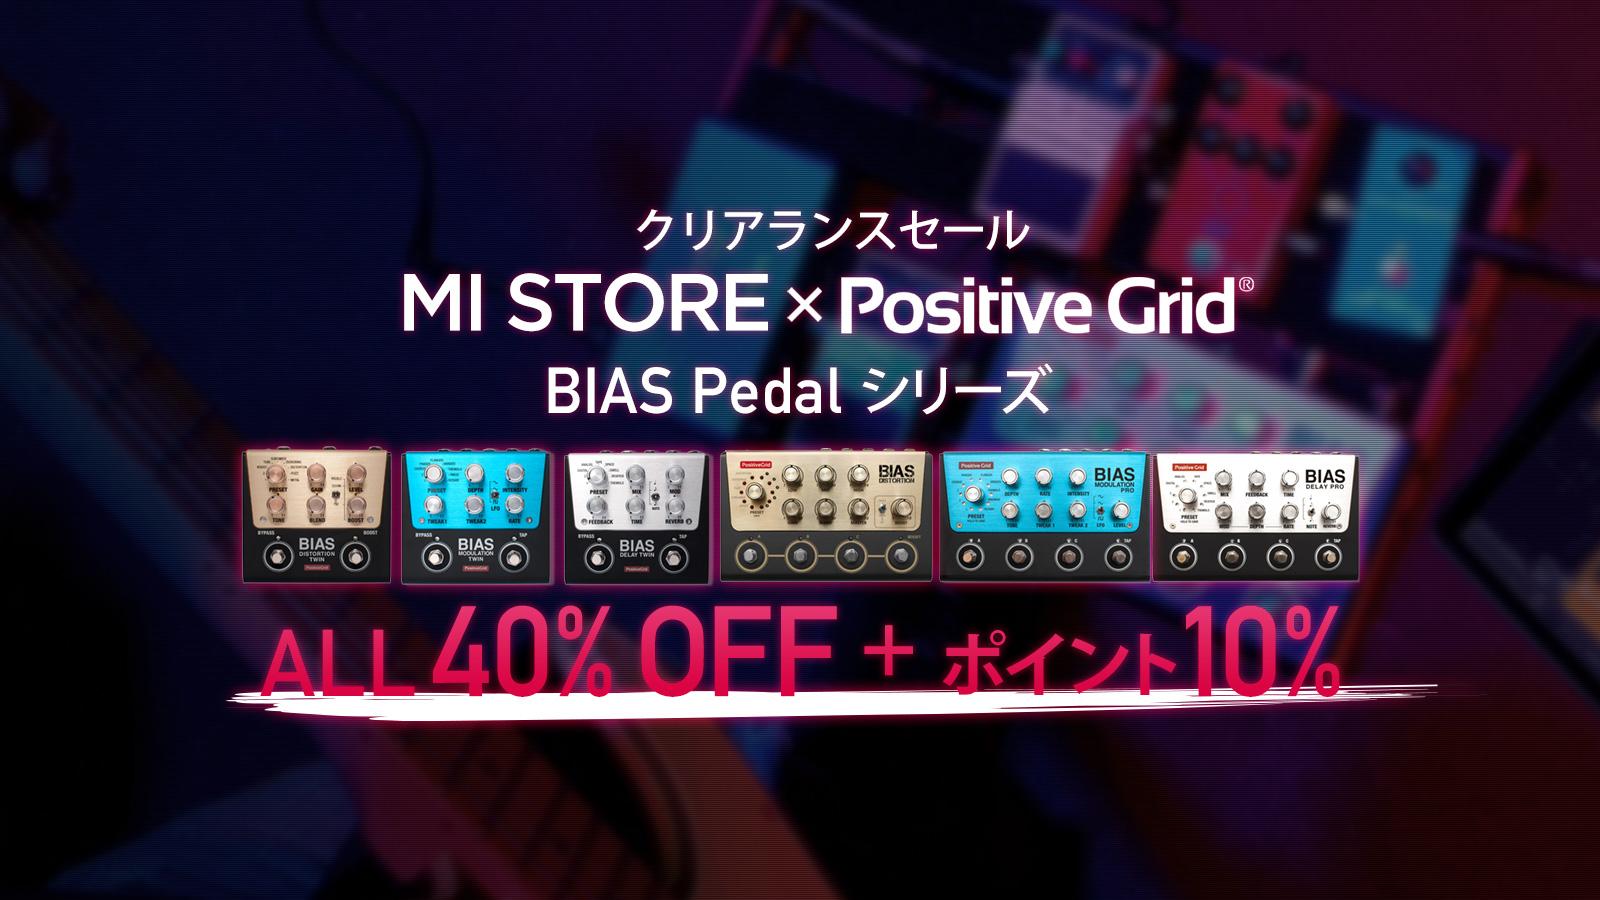 MIストア Positive Grid BIAS Pedal シリーズ クリアランスセール!全品40%オフ & 今だけポイント10%プレゼント